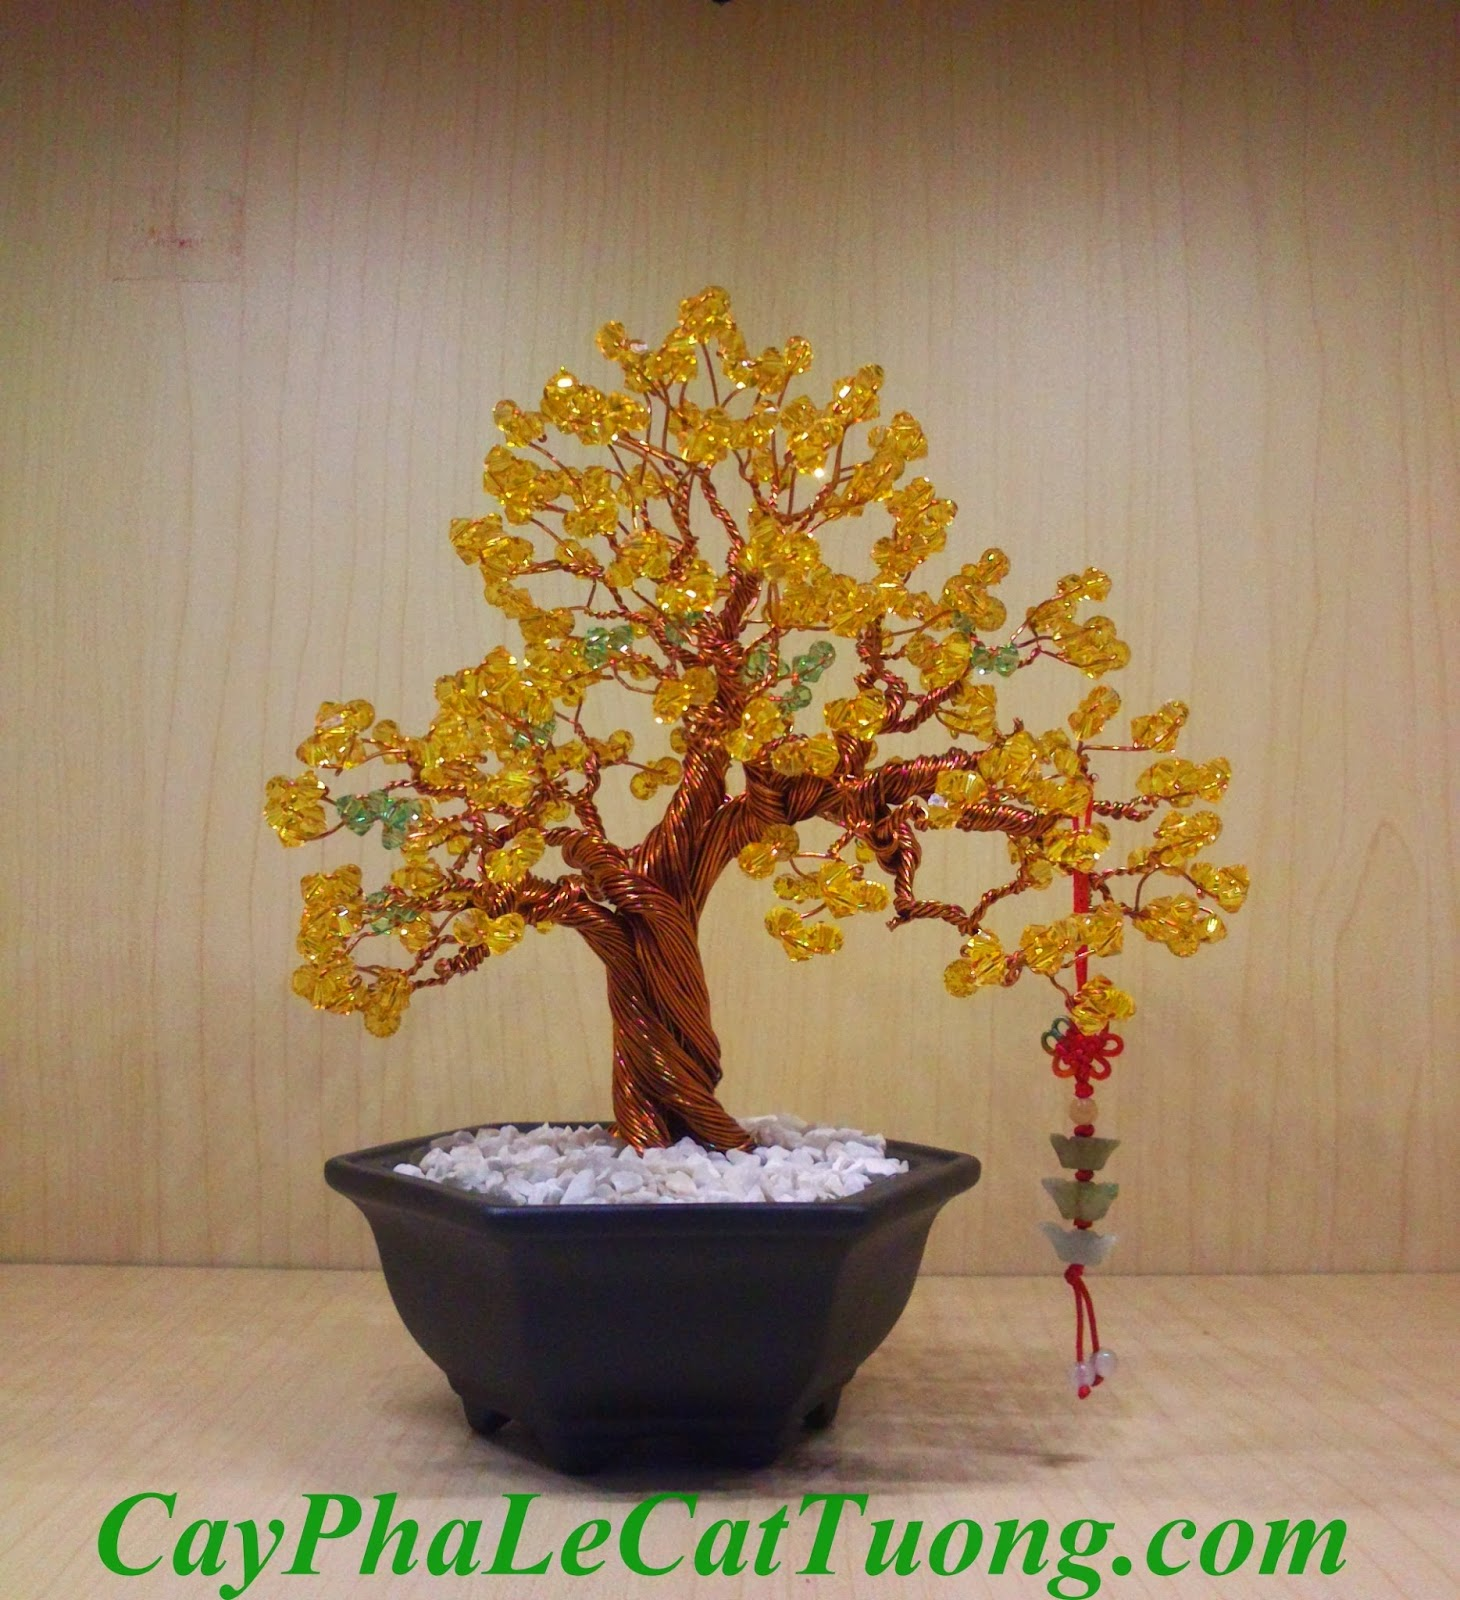 Cây pha lê màu vàng - Mạng Thổ